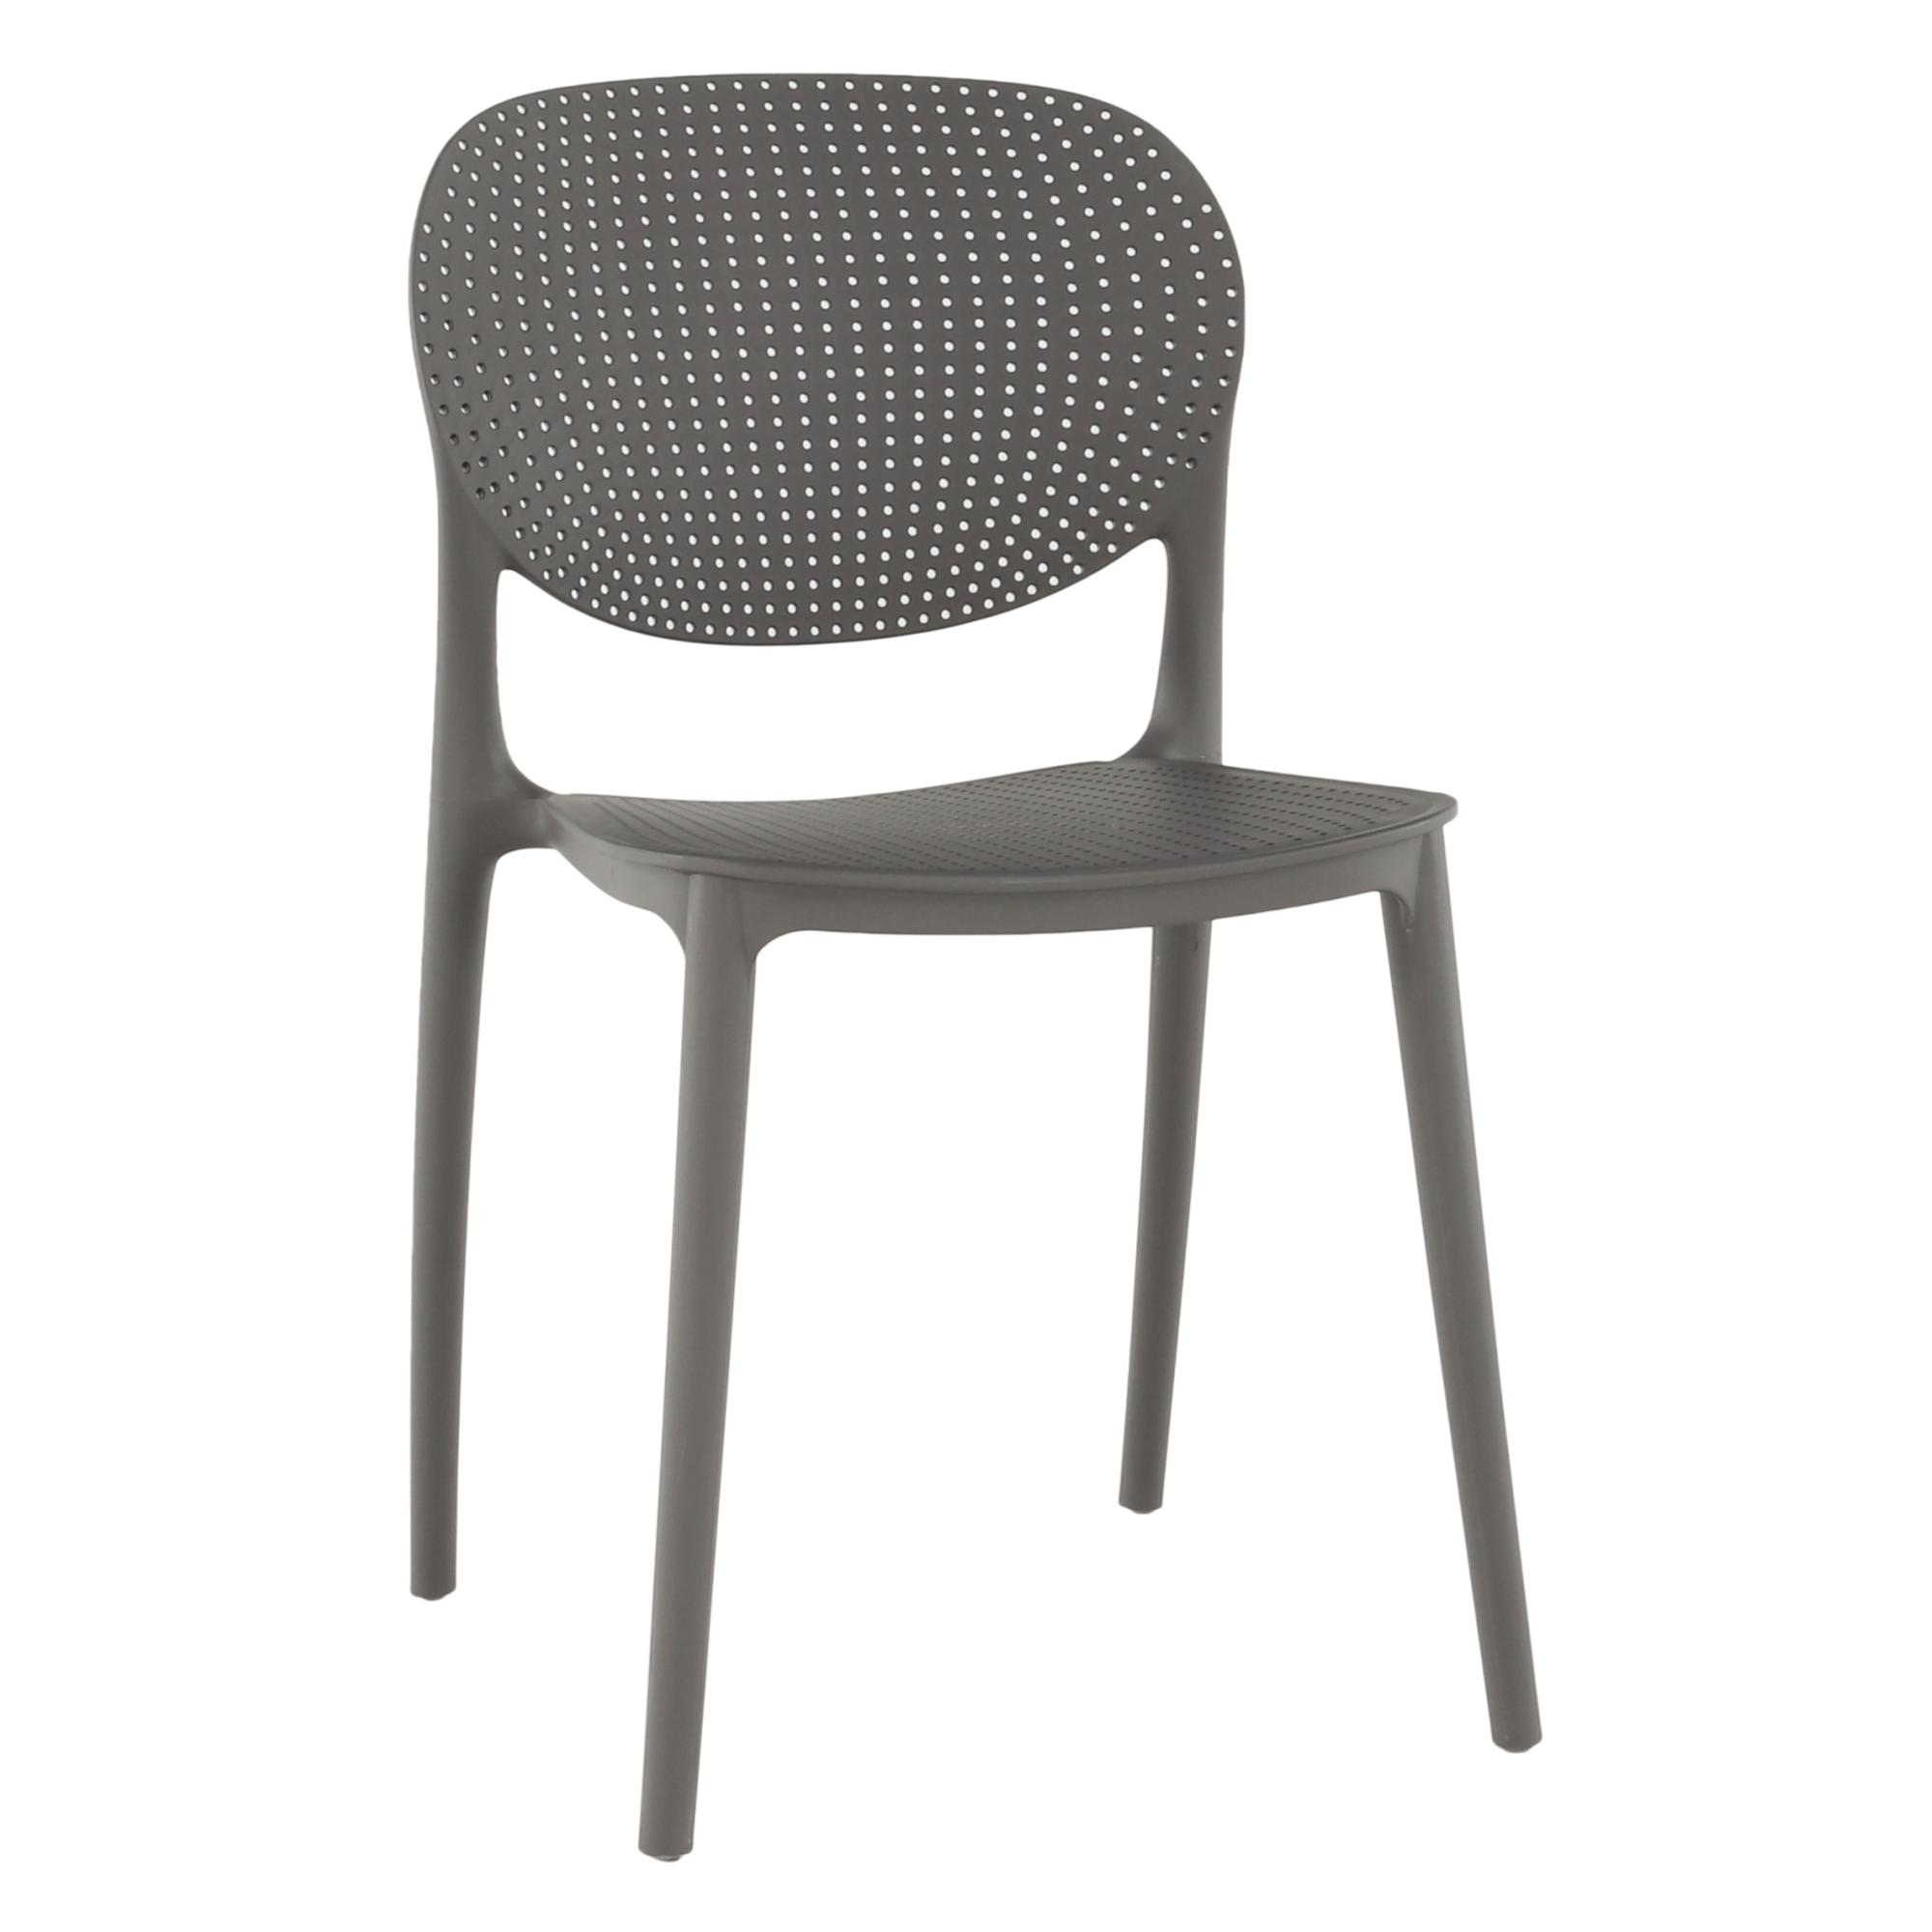 Stohovateľná stolička, tmavosivá, FEDRA